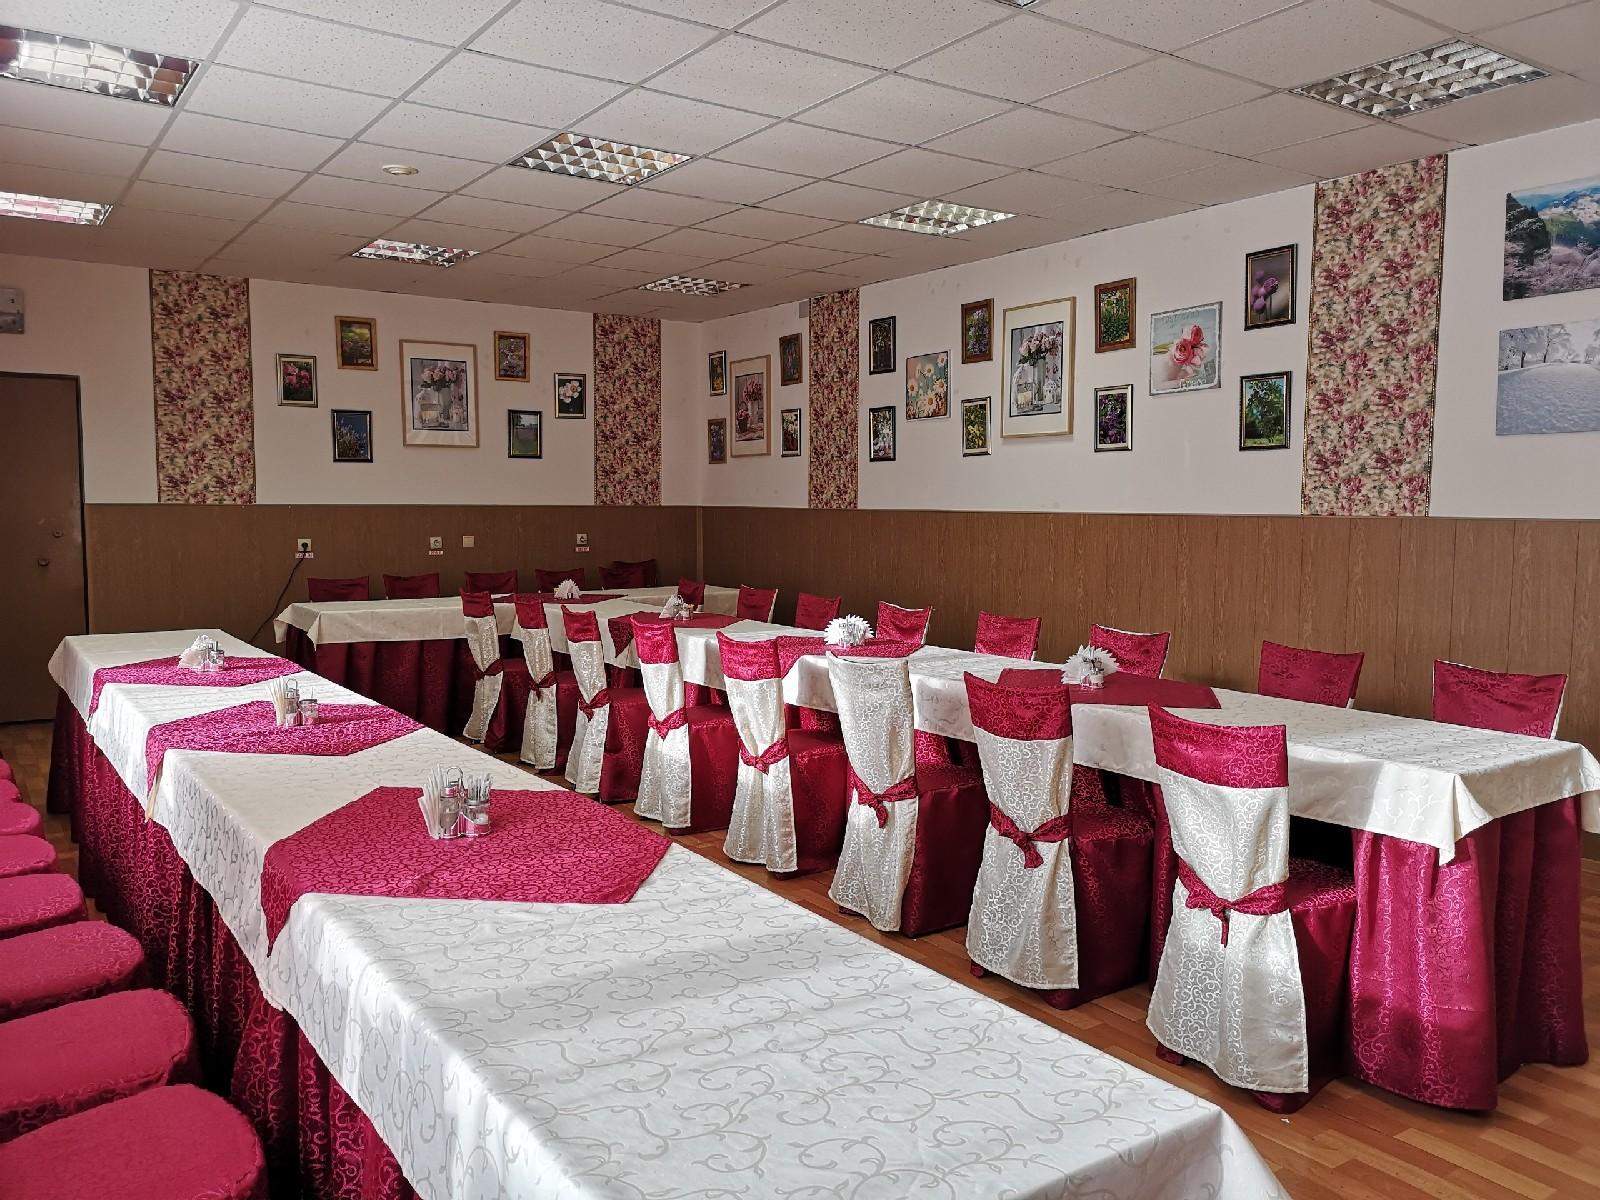 Большой зал кафе Поминальная трапеза у метро проспект Ветеранов